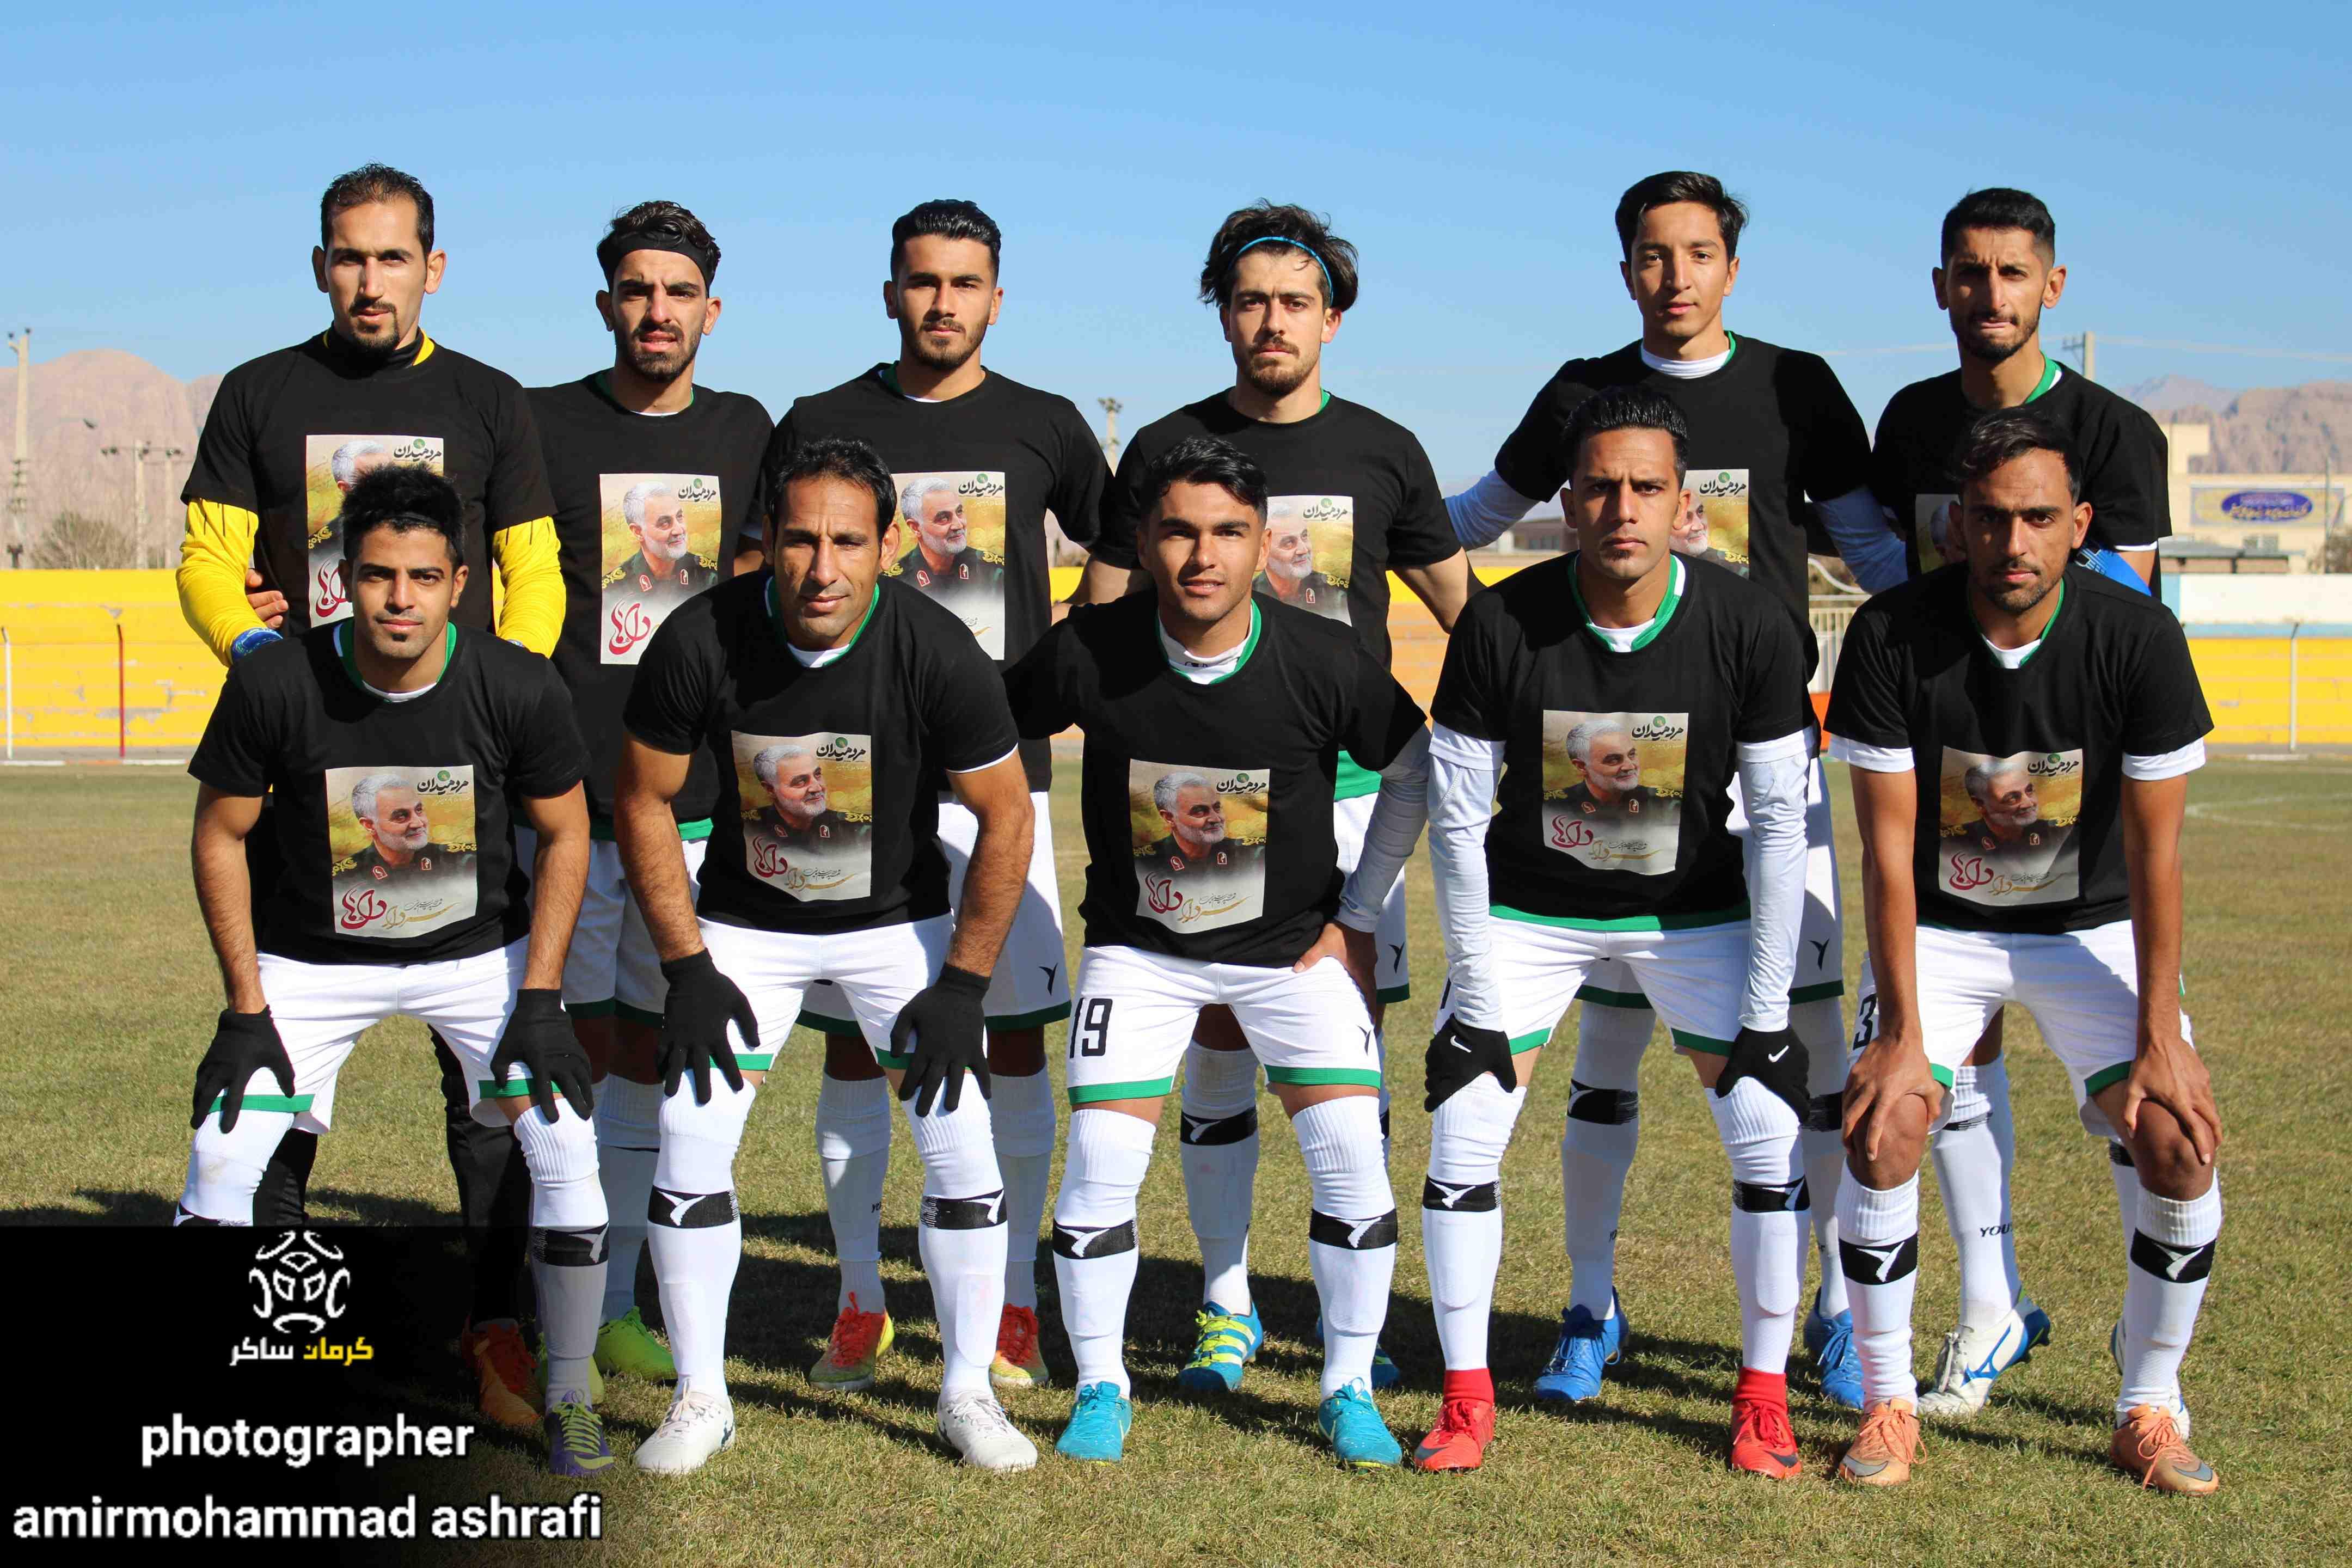 گزارش تصویری: هفته اول لیگ دسته سوم فوتبال کشور/مشیز کرمان - بستک هرمزگان از دریچه دوربین امیرمحمداشرفی